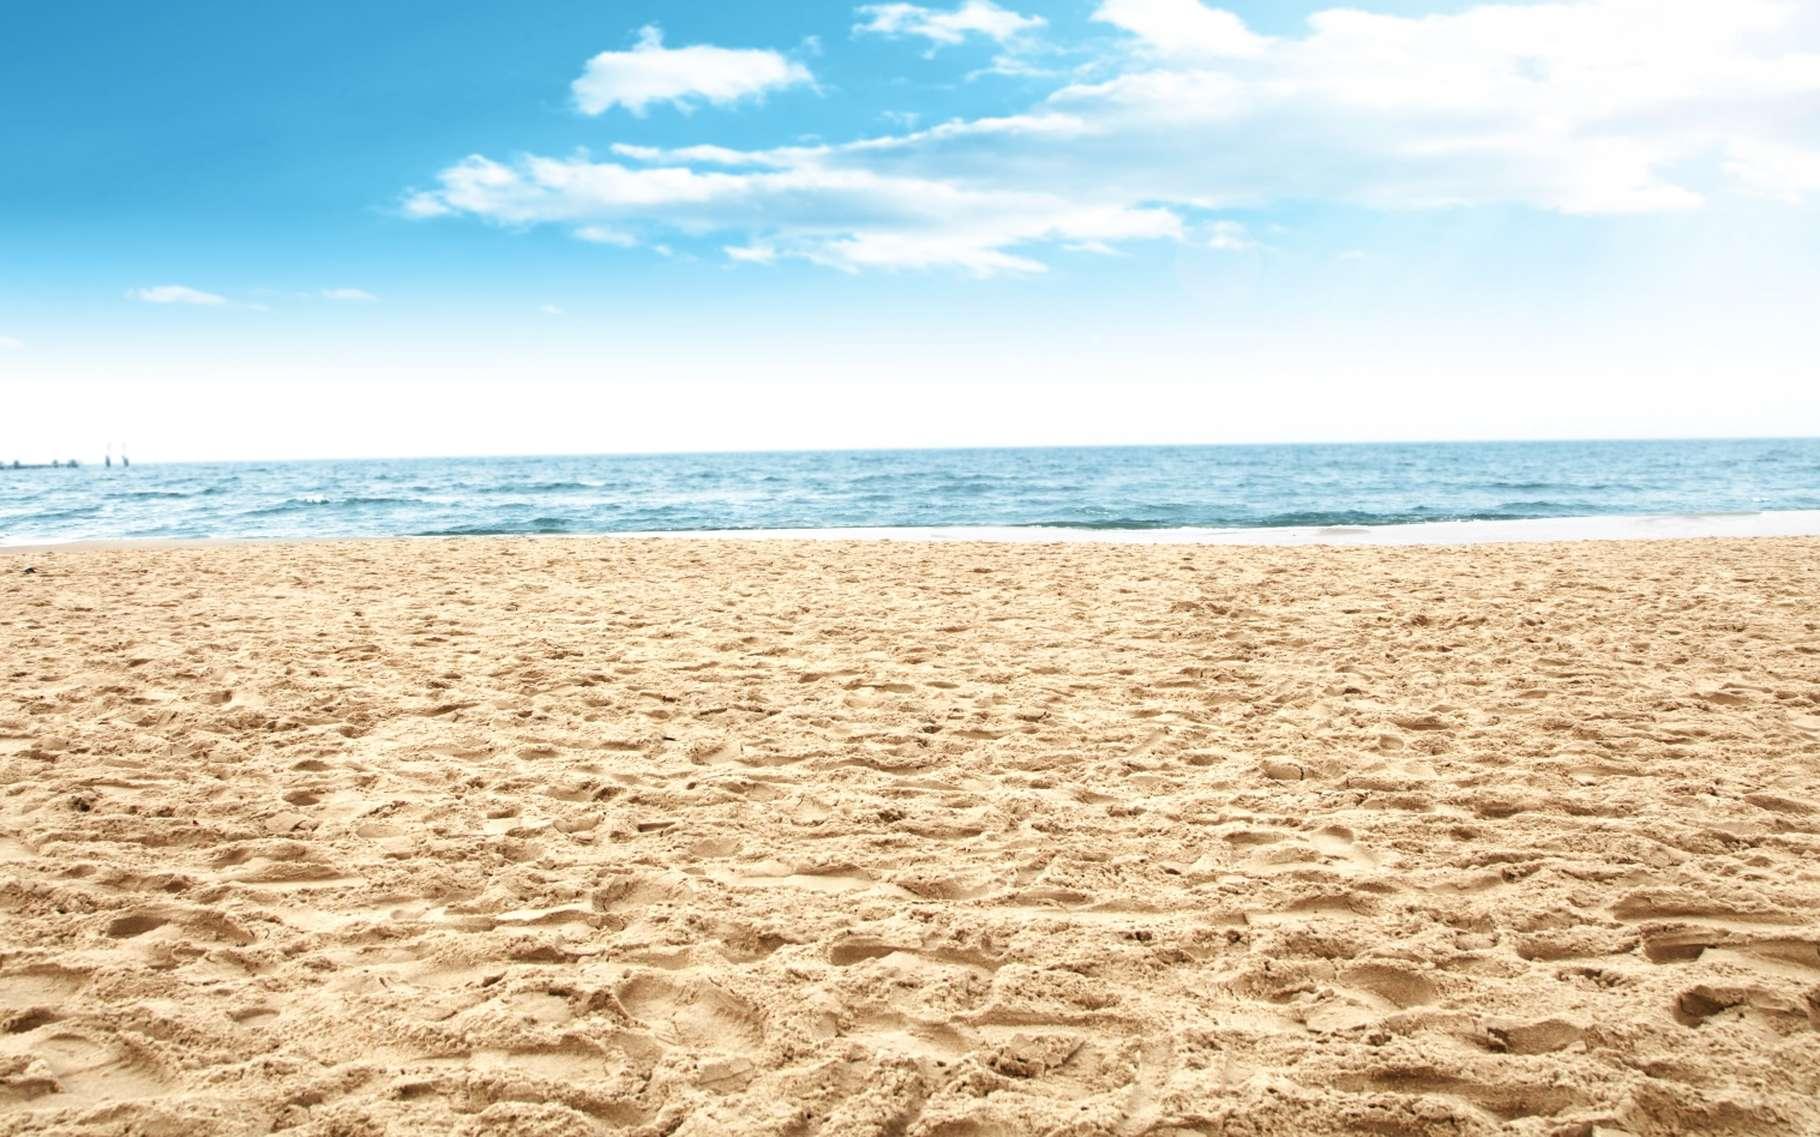 شاطئ - بحر